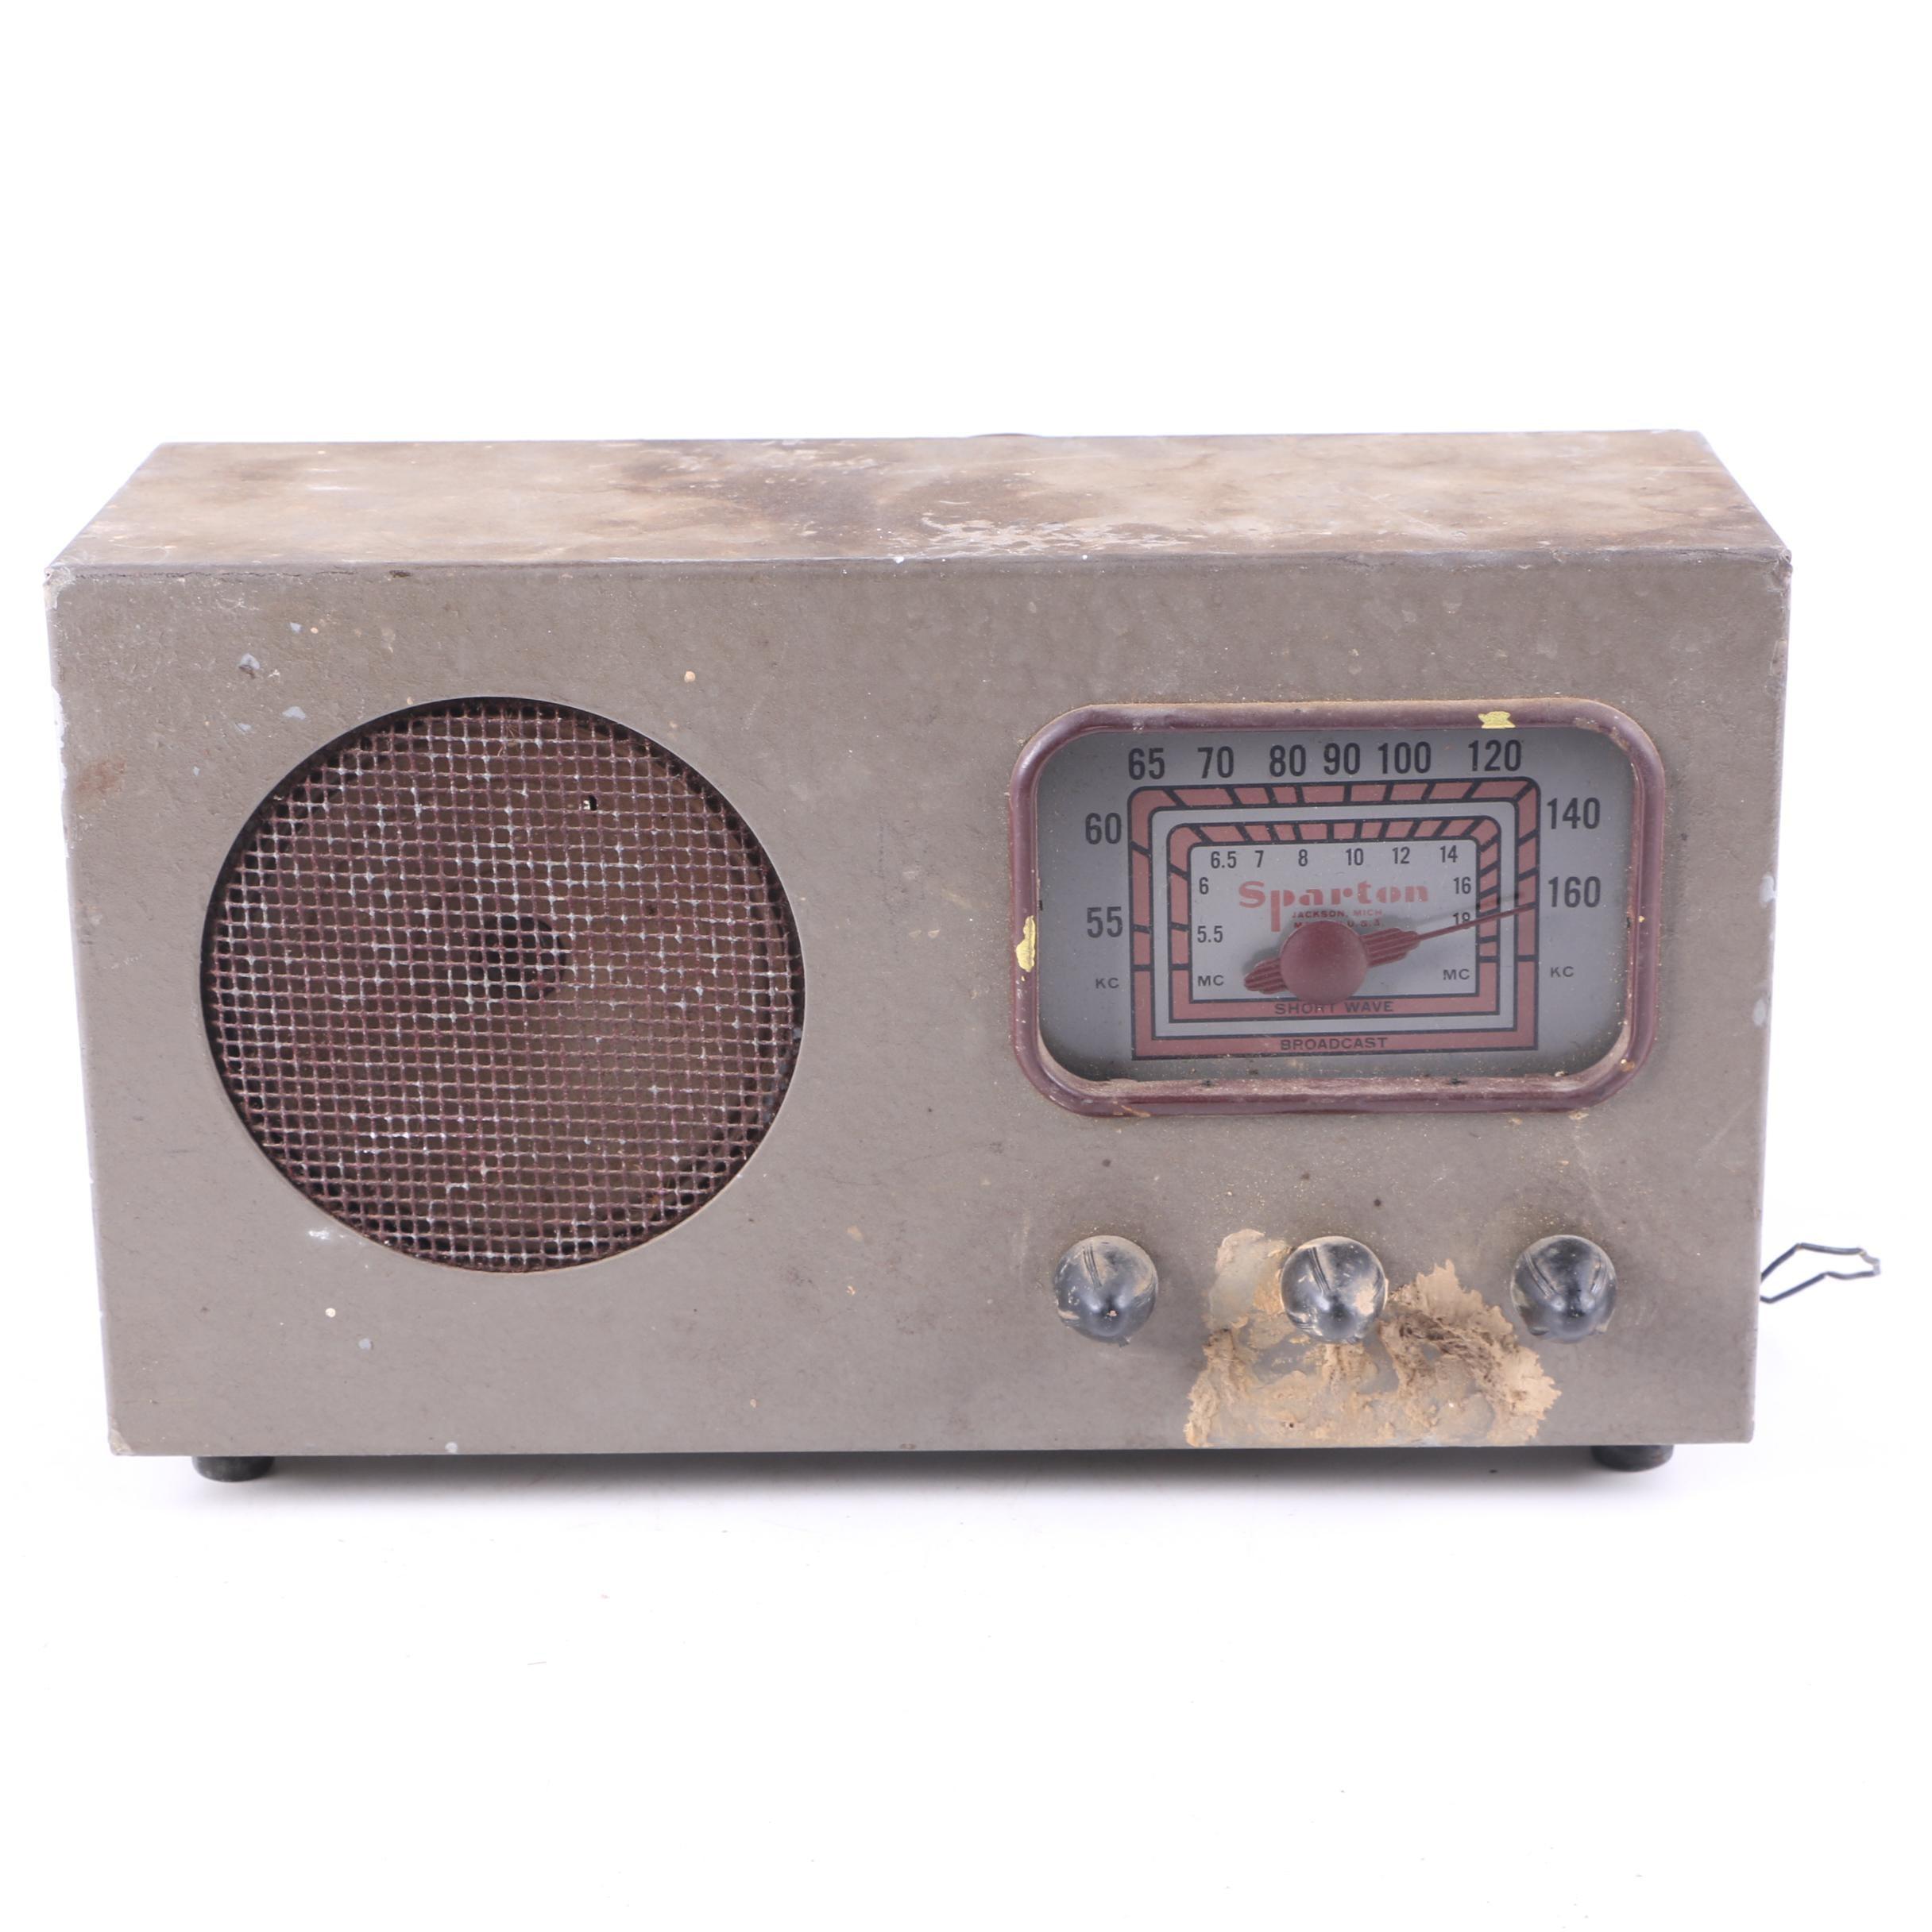 Vintage Sparton Short Wave Broadcast Radio